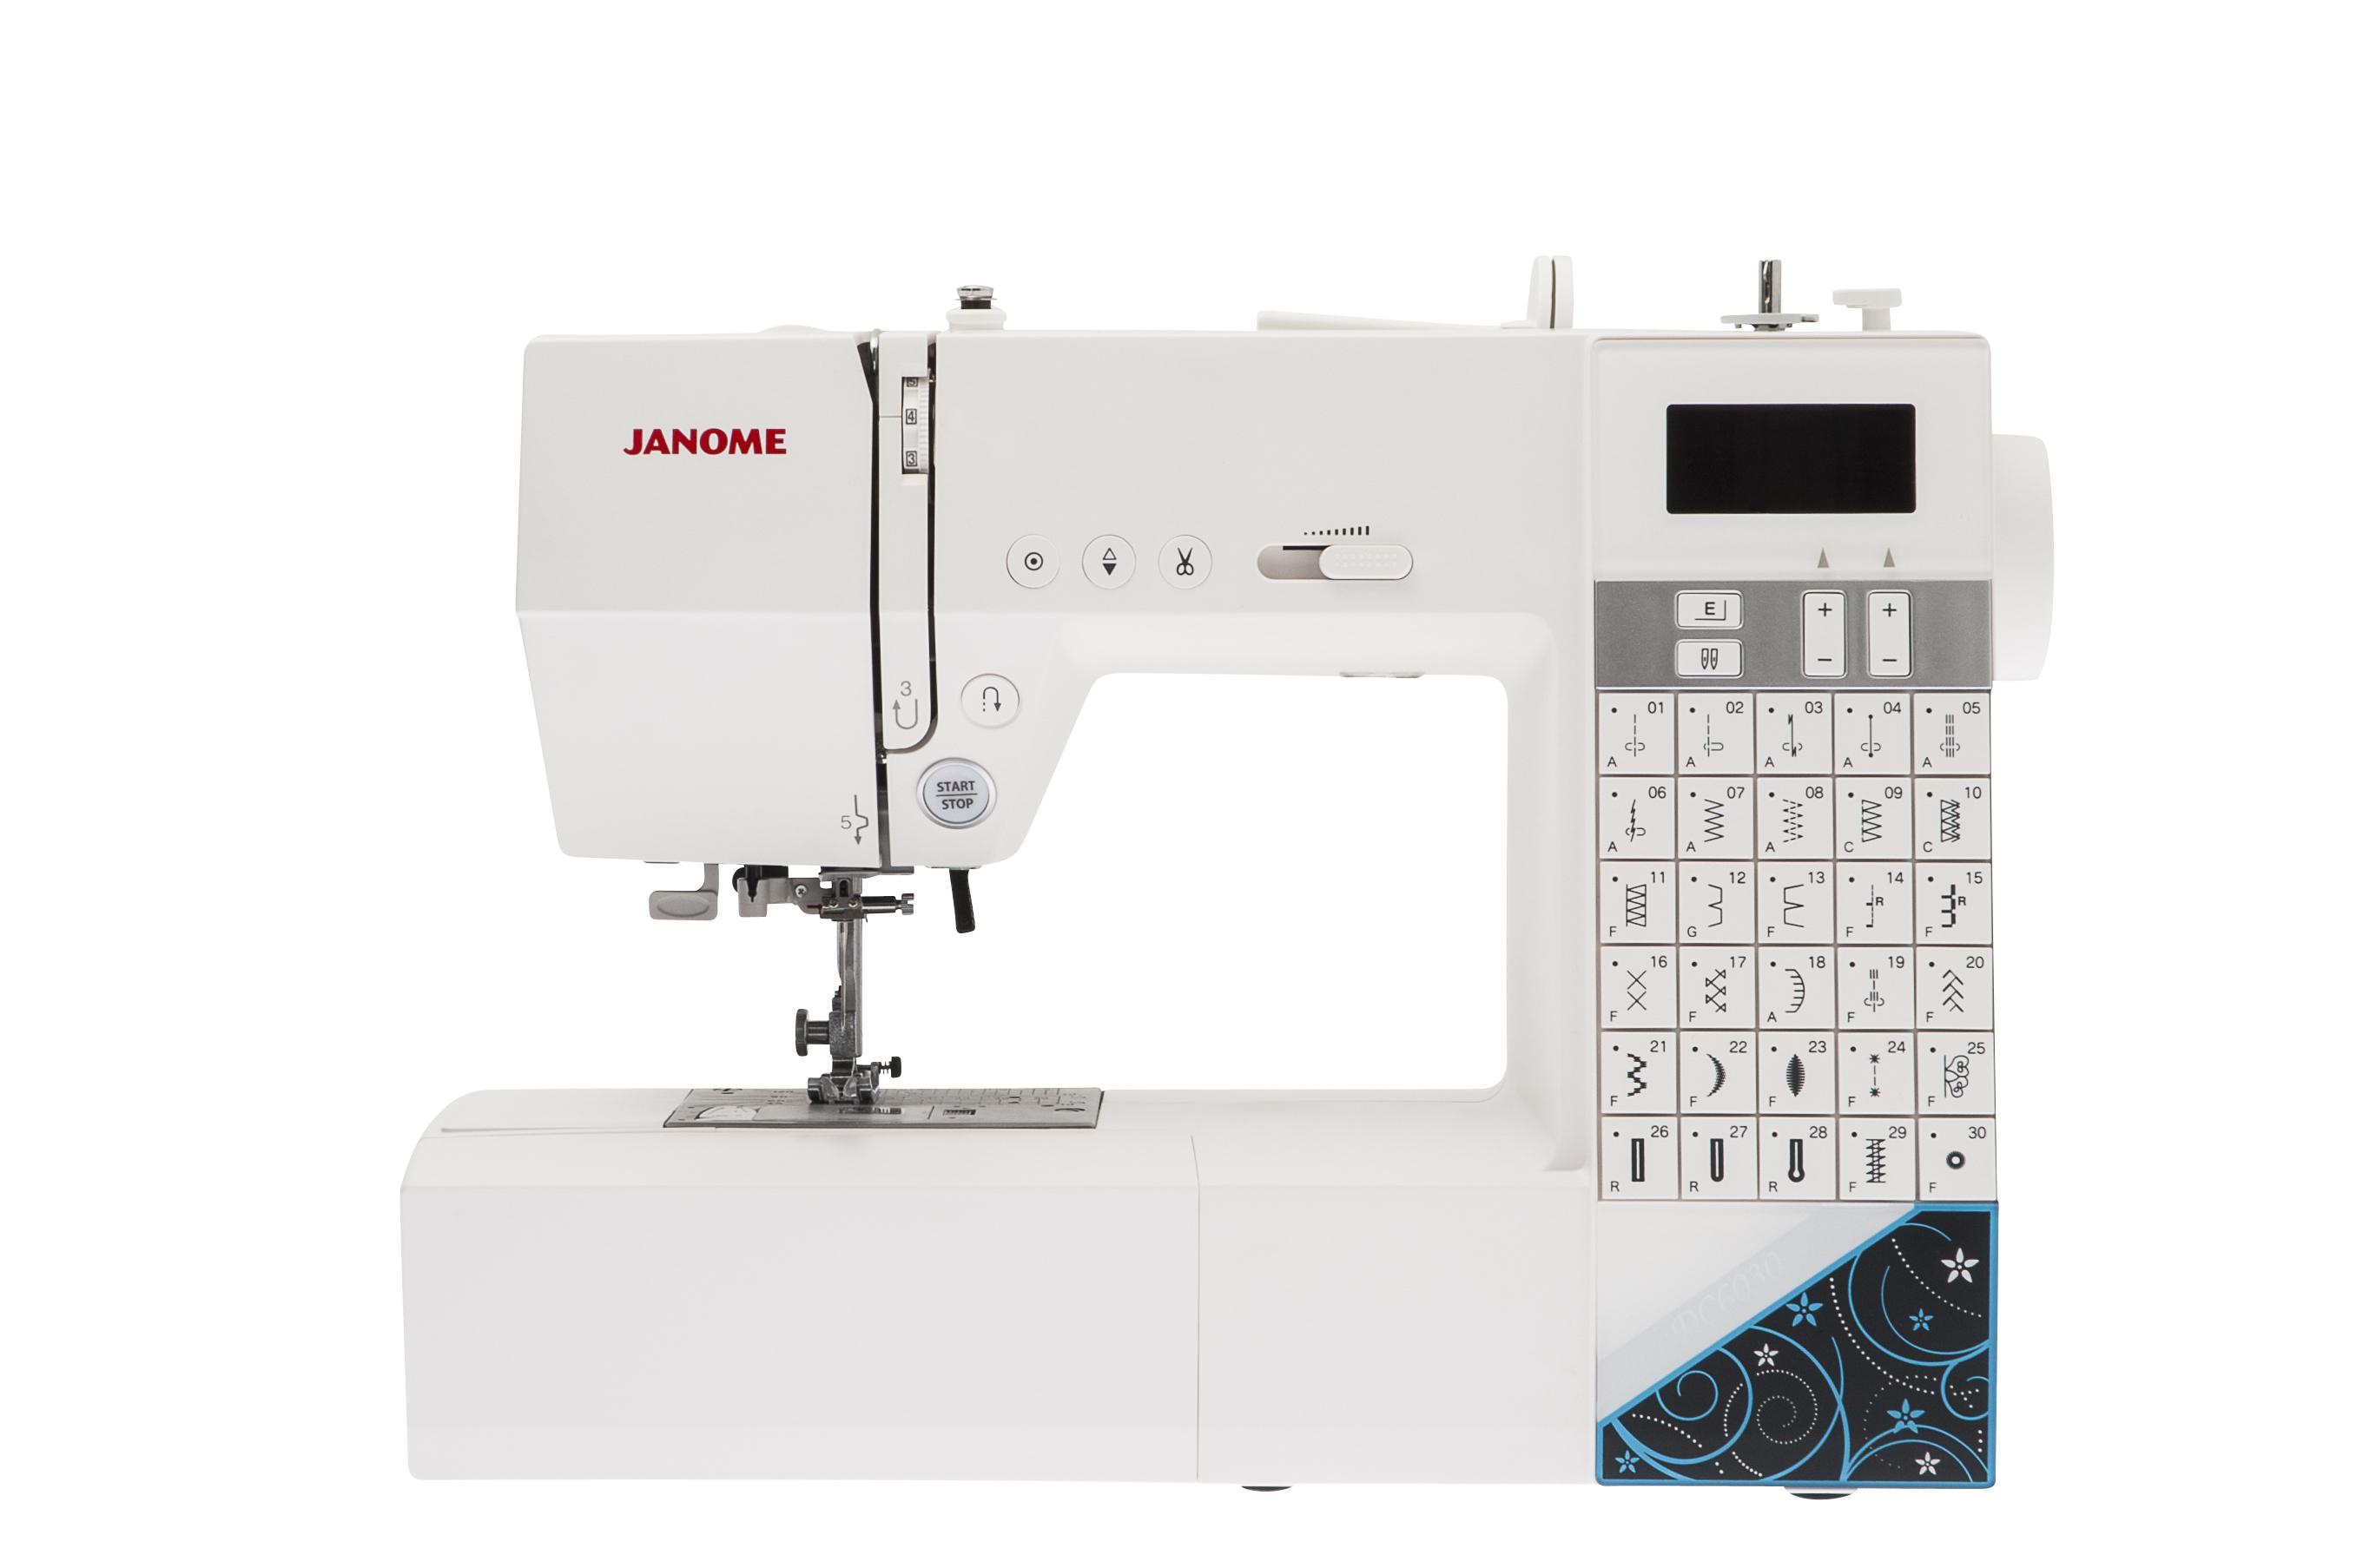 JanomeDC6030